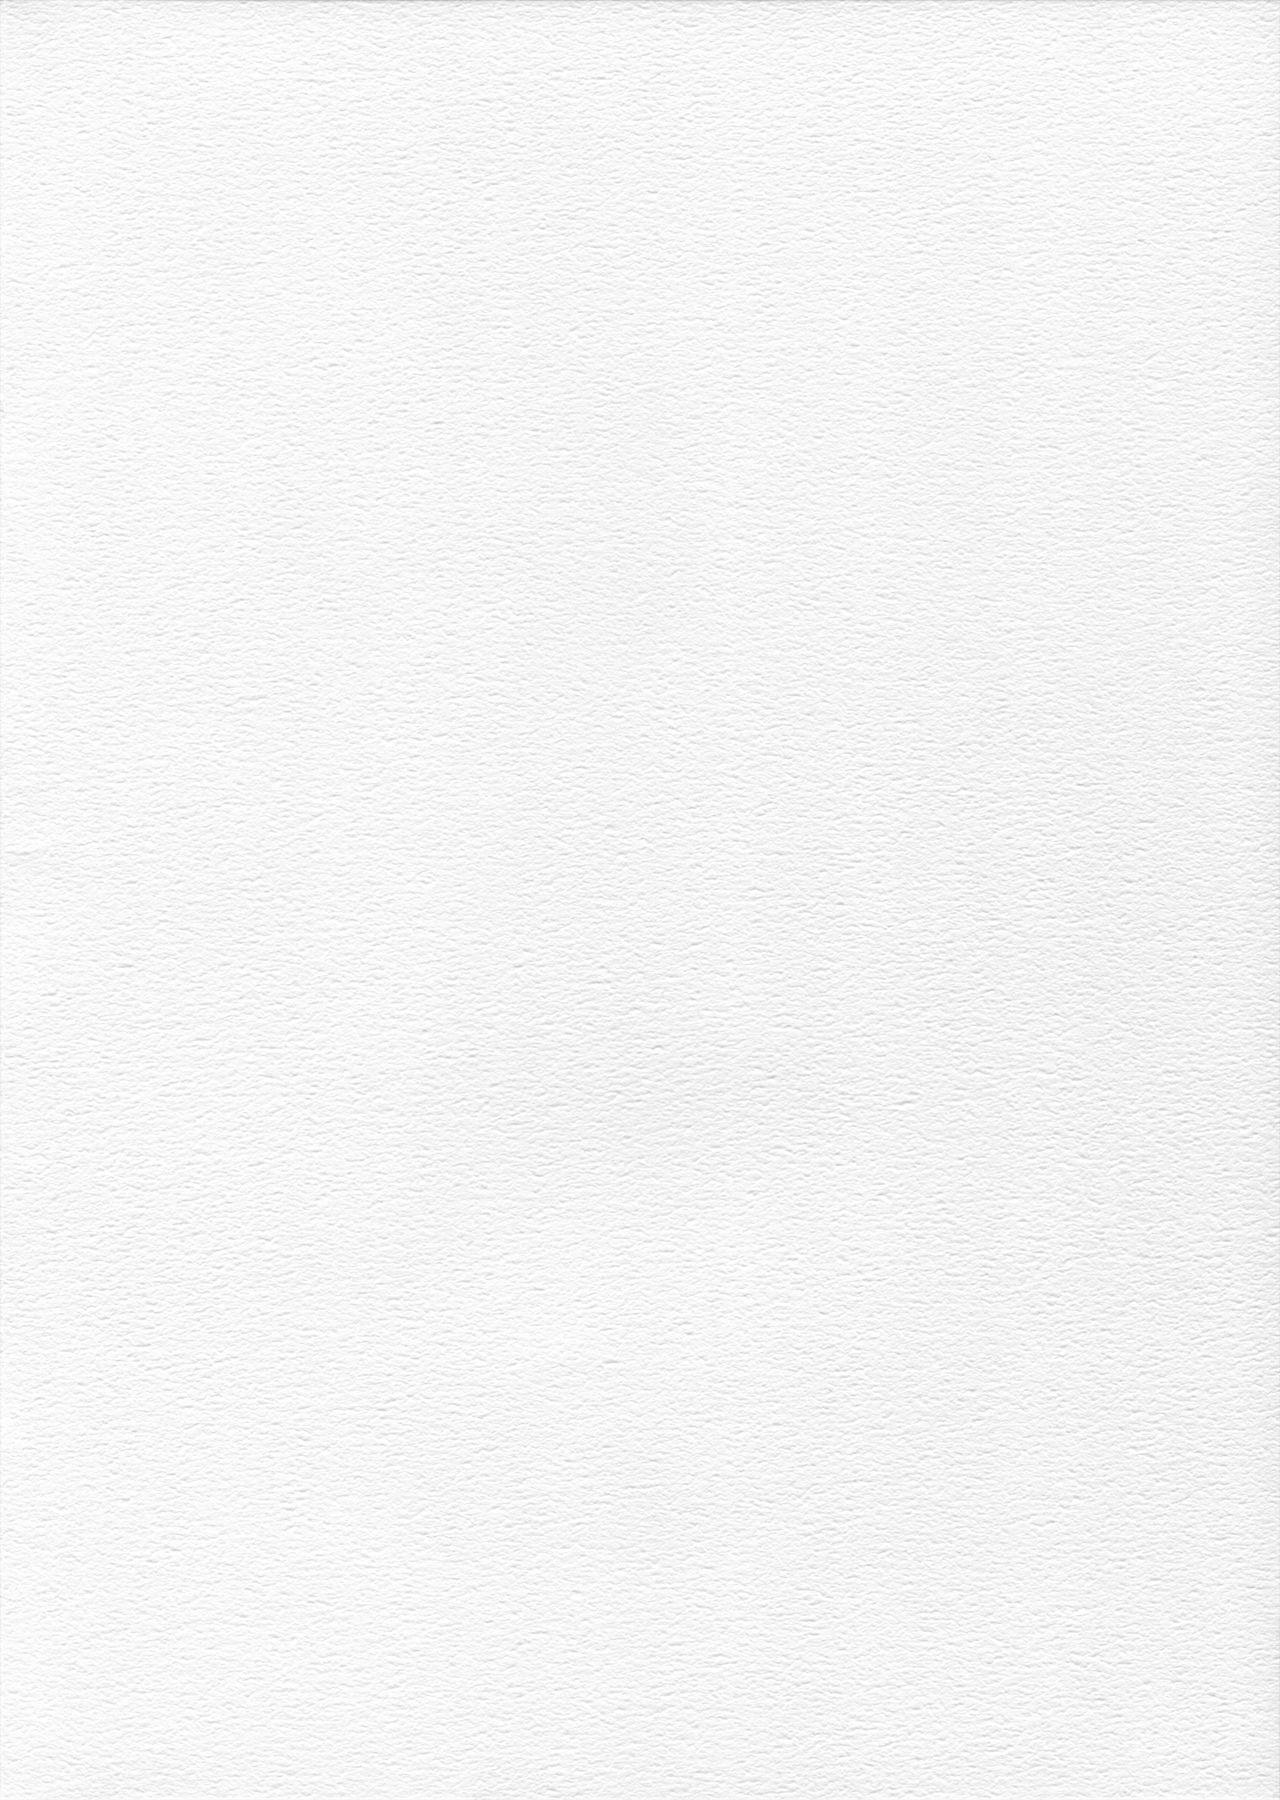 [Subesube 1kg (Narita Kyousha)] 9-Ji Kara 5-ji Made no Koibito Dai 11 wa - Nine to Five Lover [English] [Fated Circle] 1